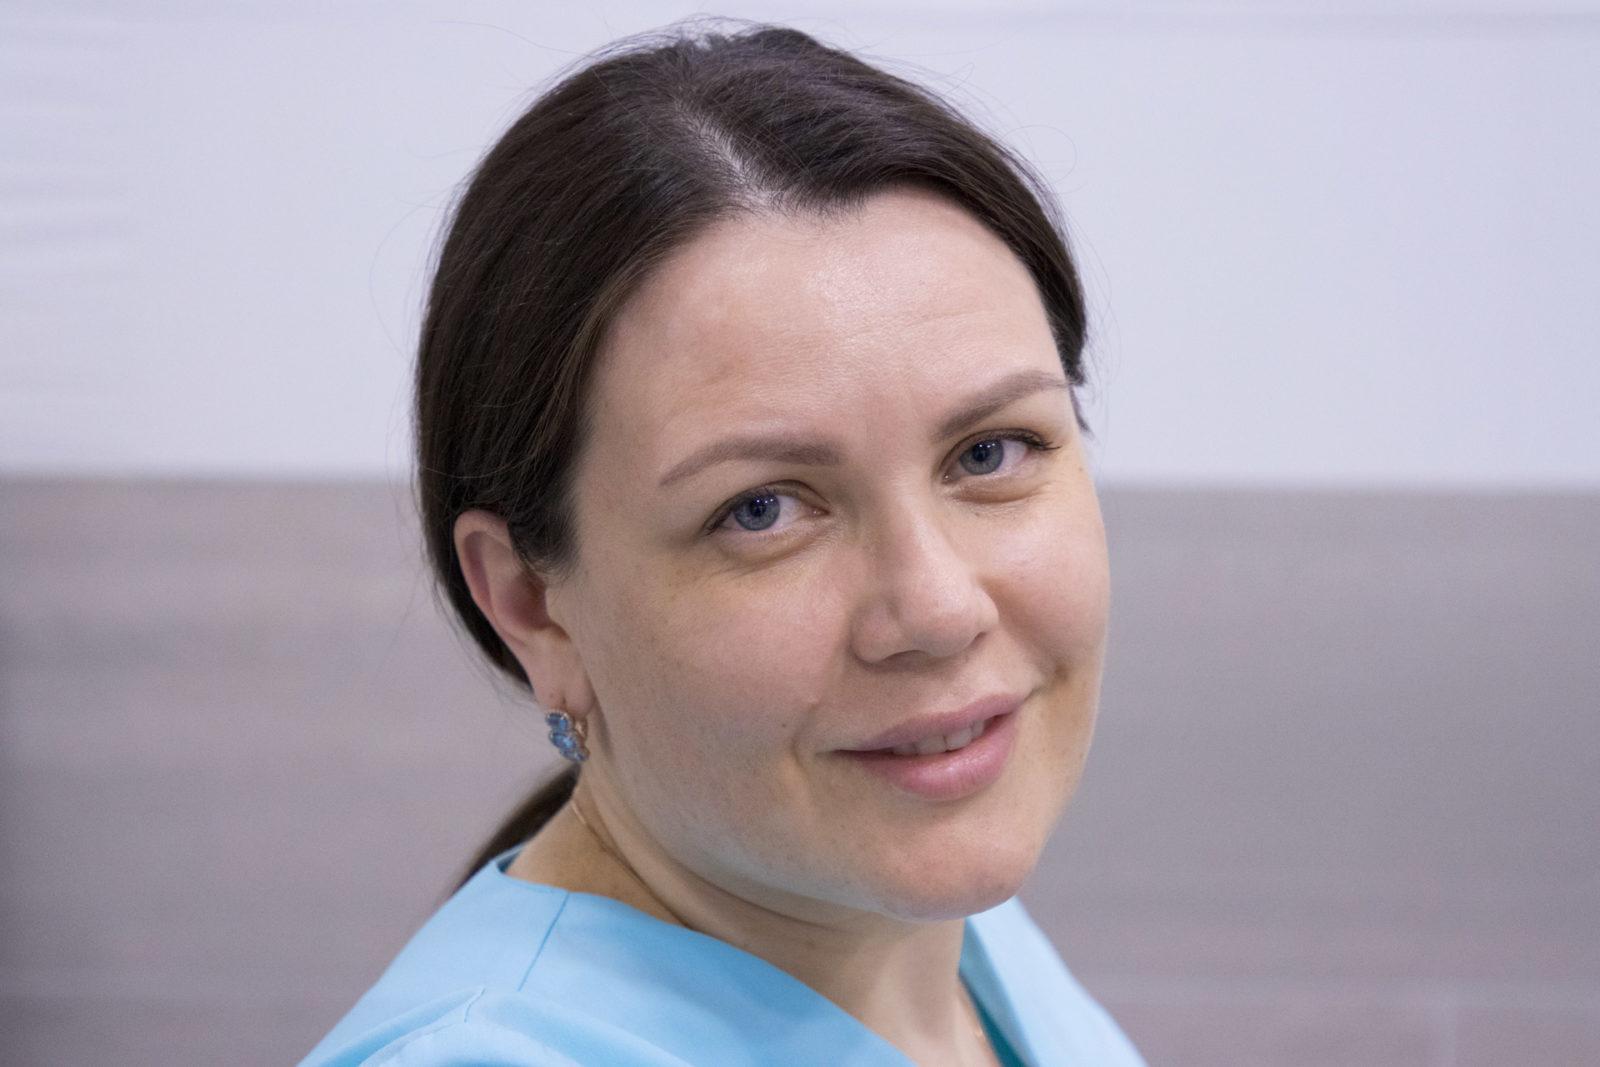 Лучшие стоматологи Тольятти - Кузьменко А. Л. Врач стоматолог